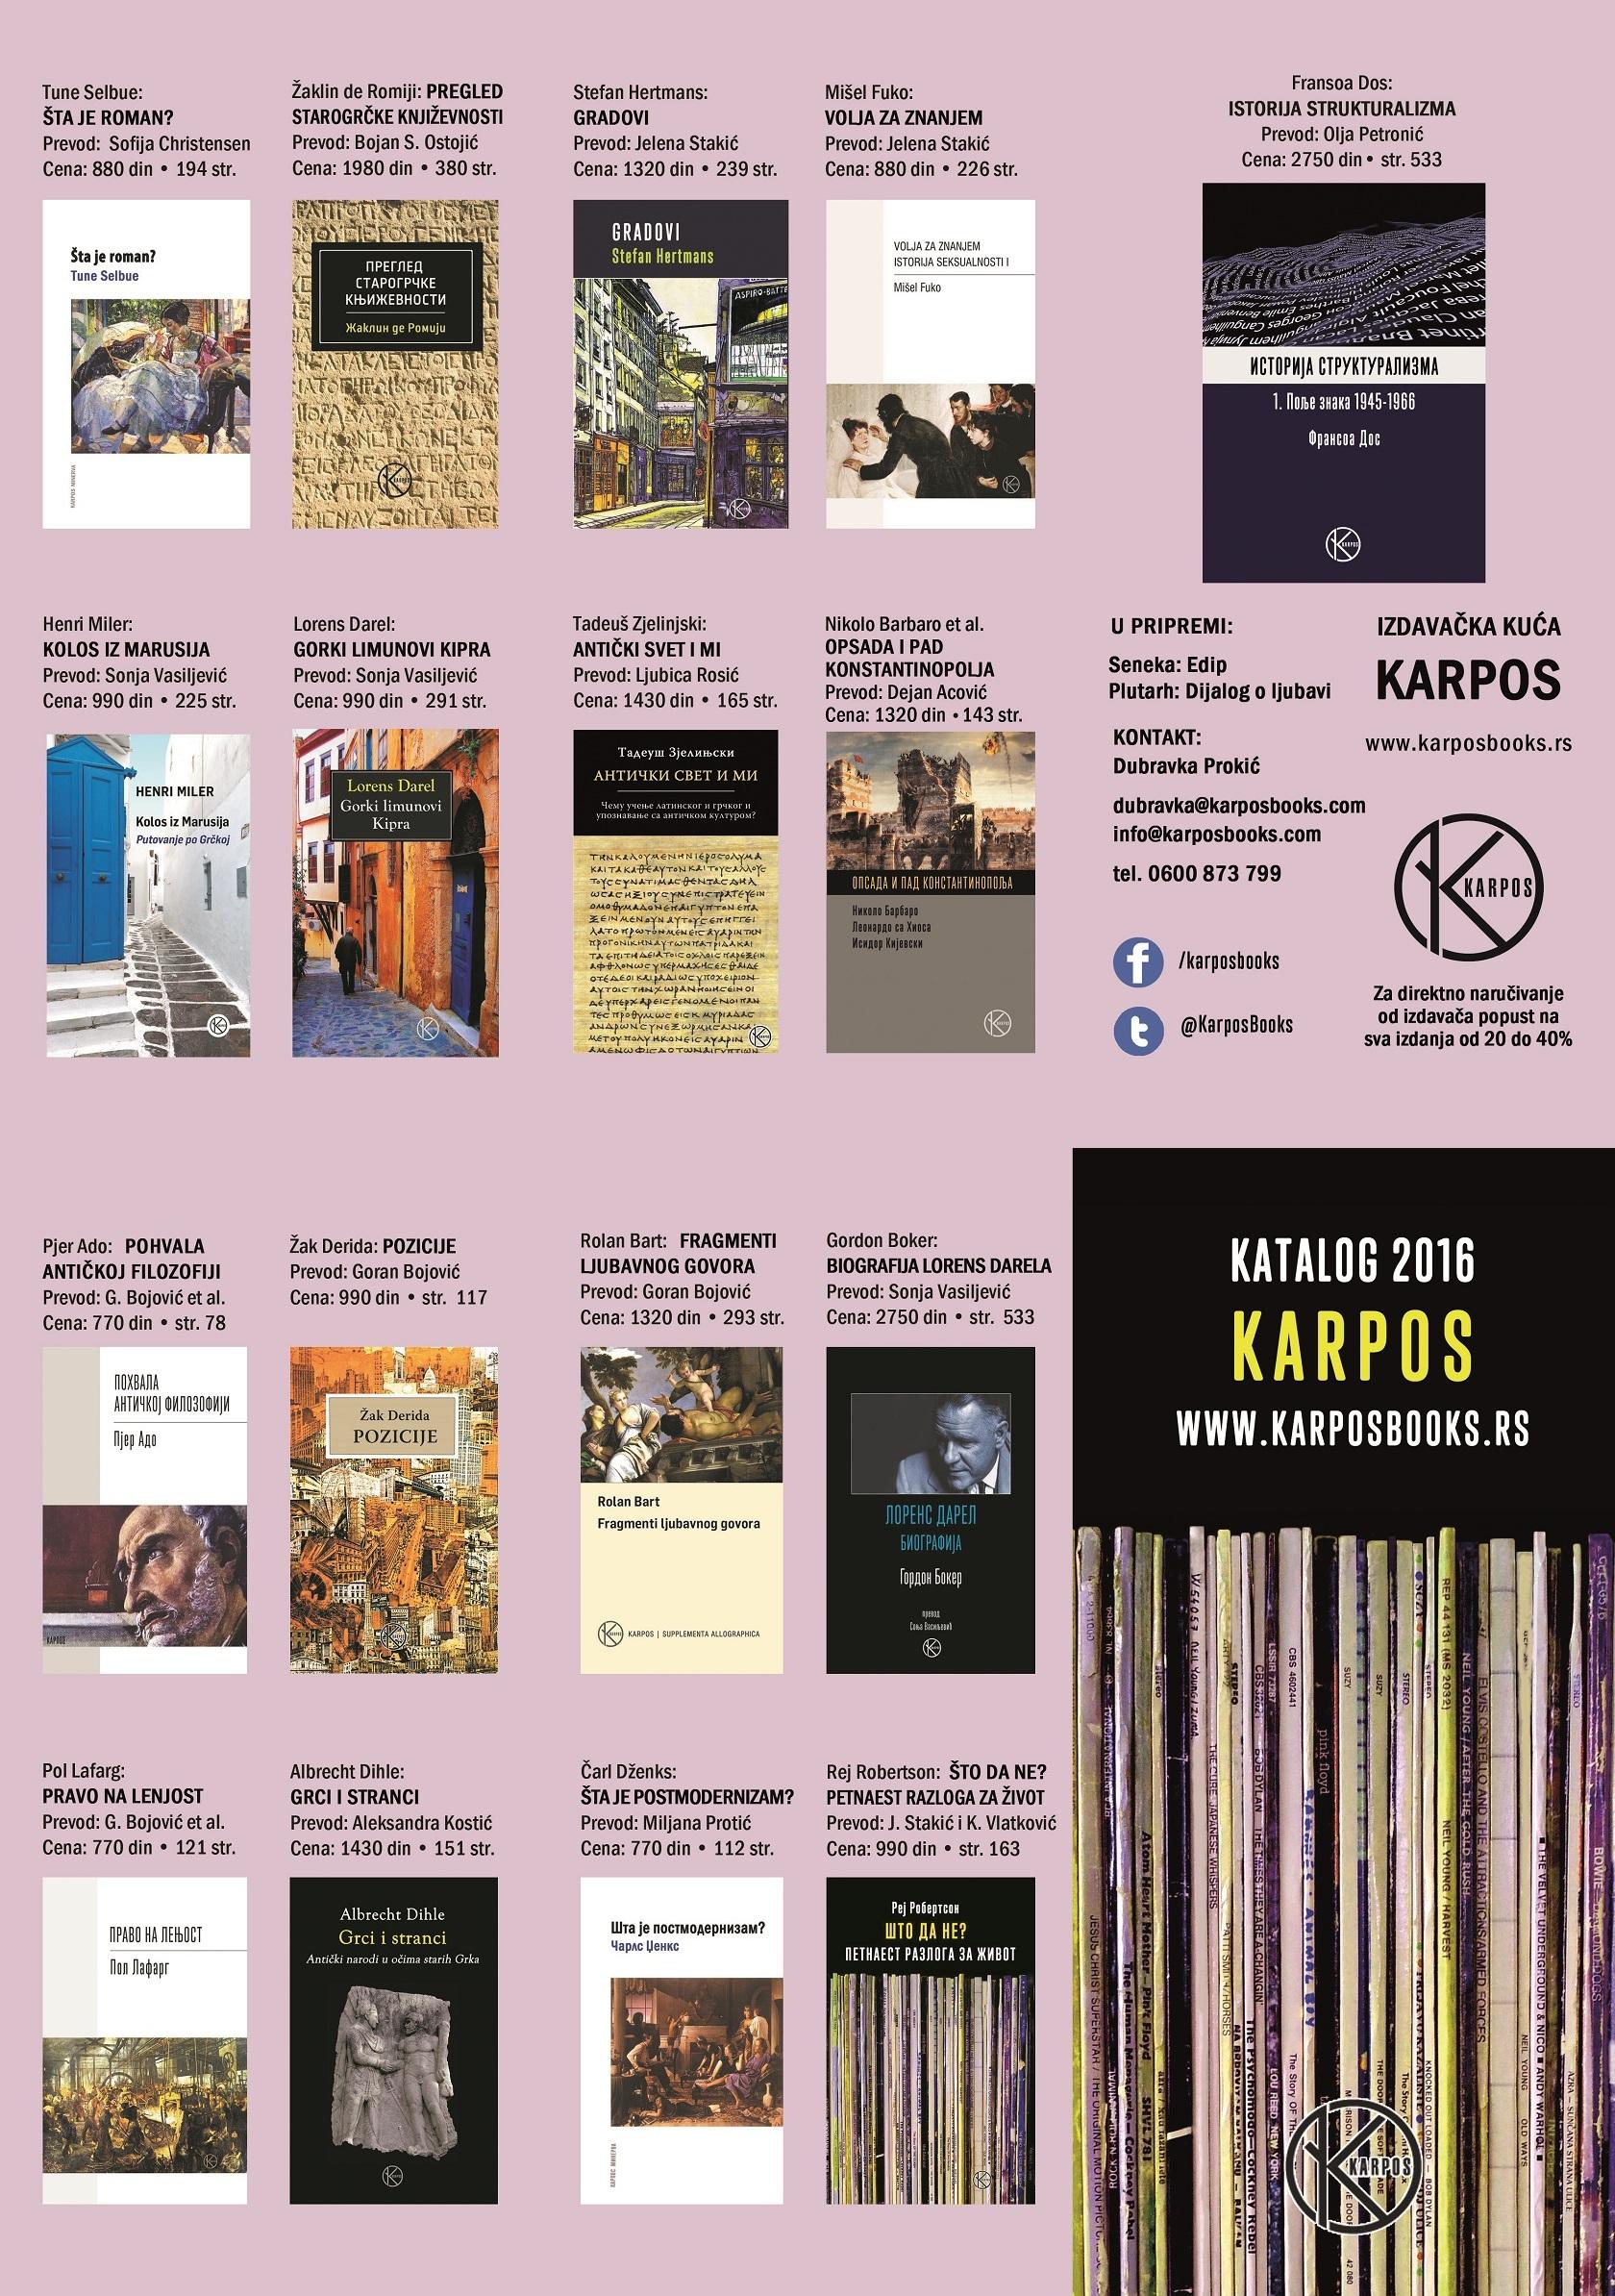 2016 katalog